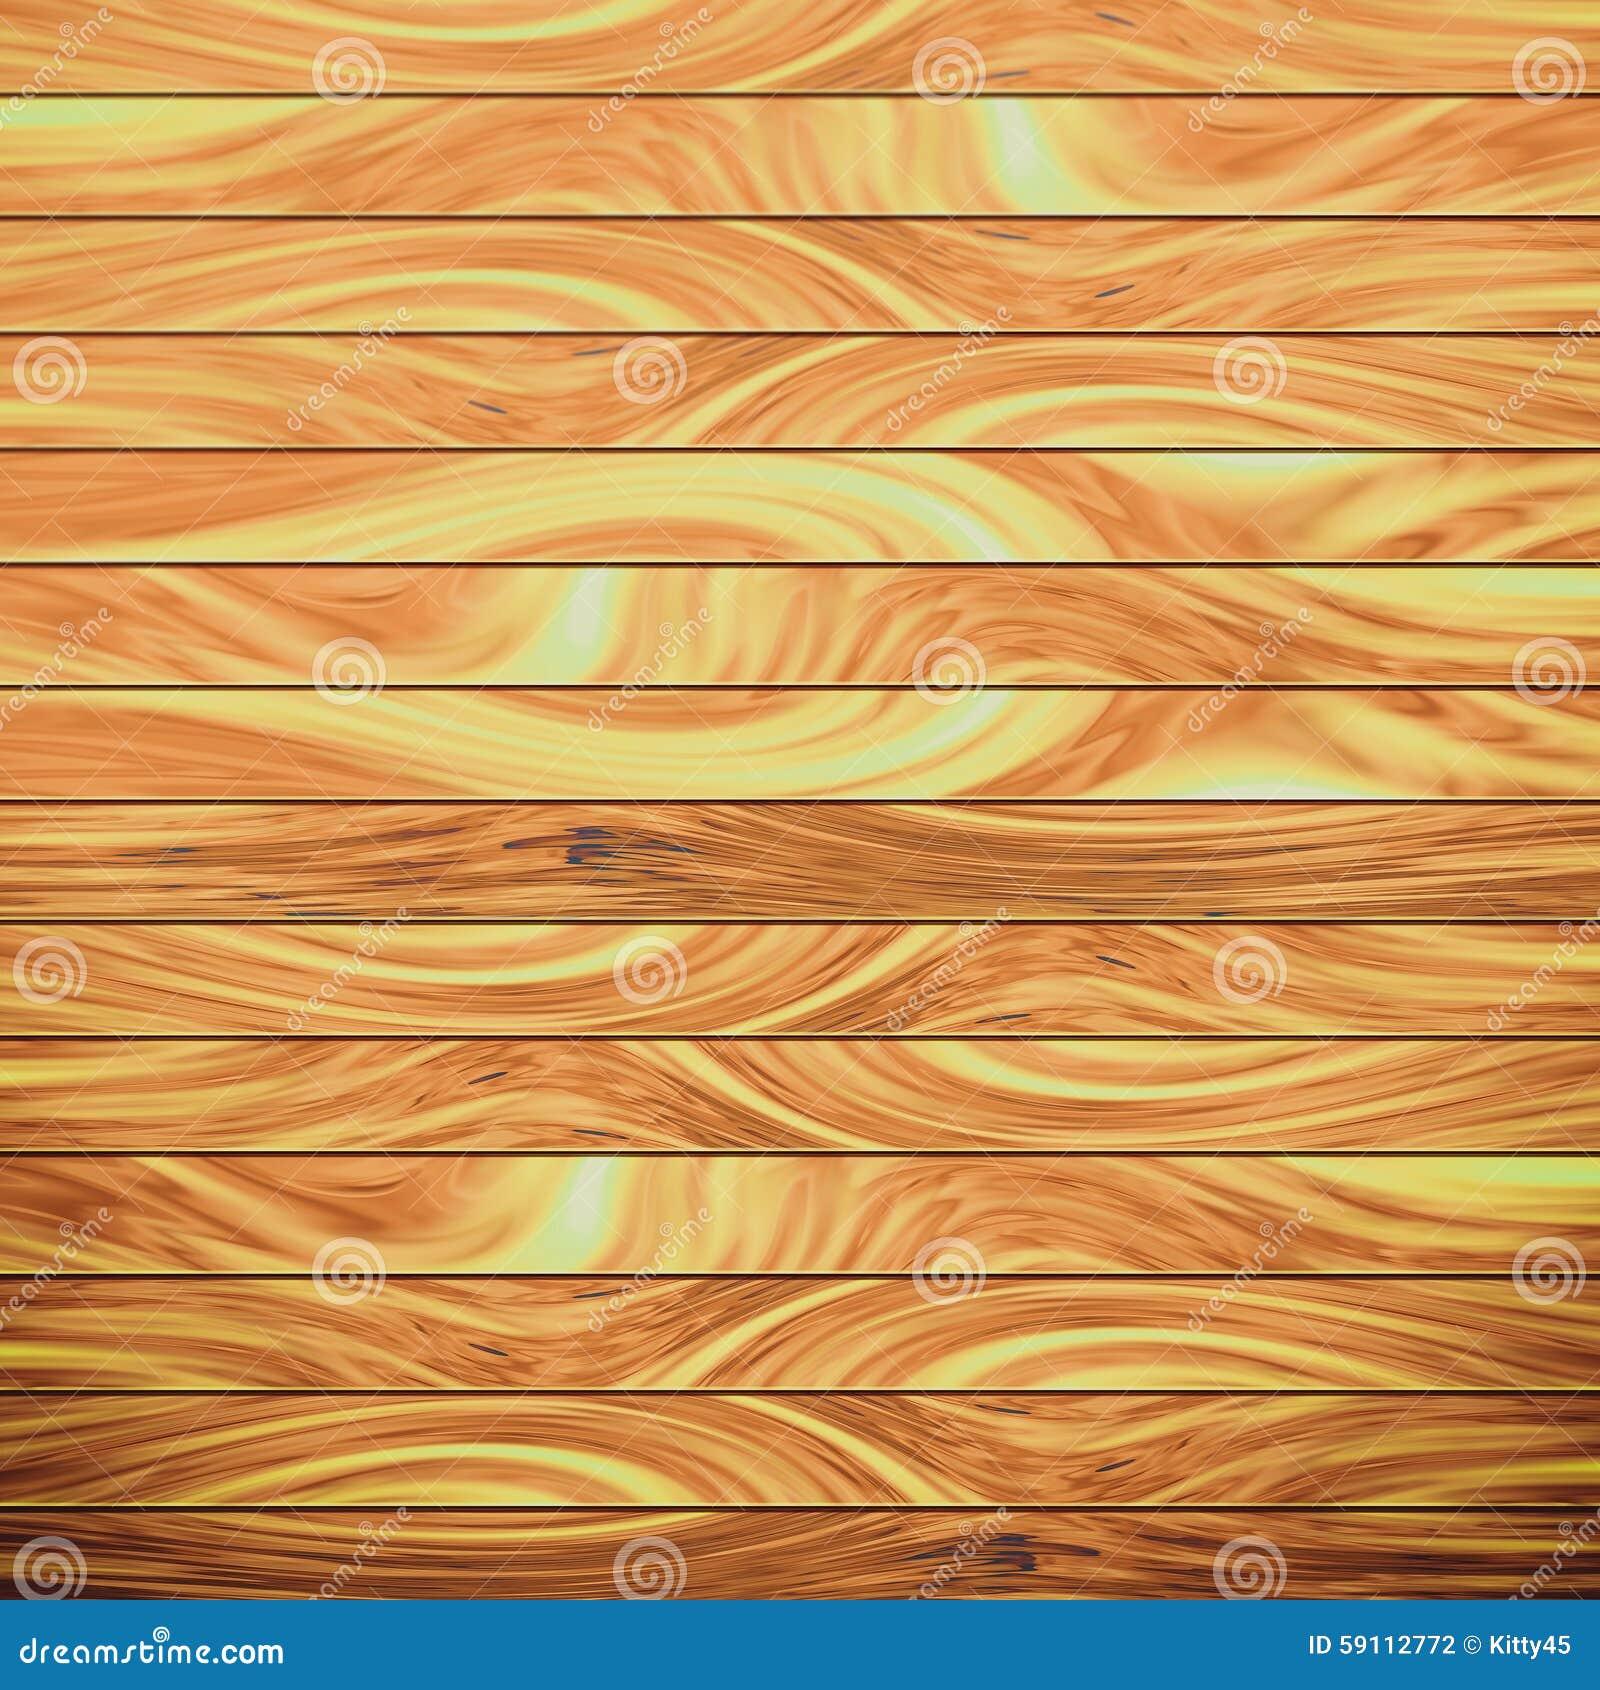 抽象木板条背景